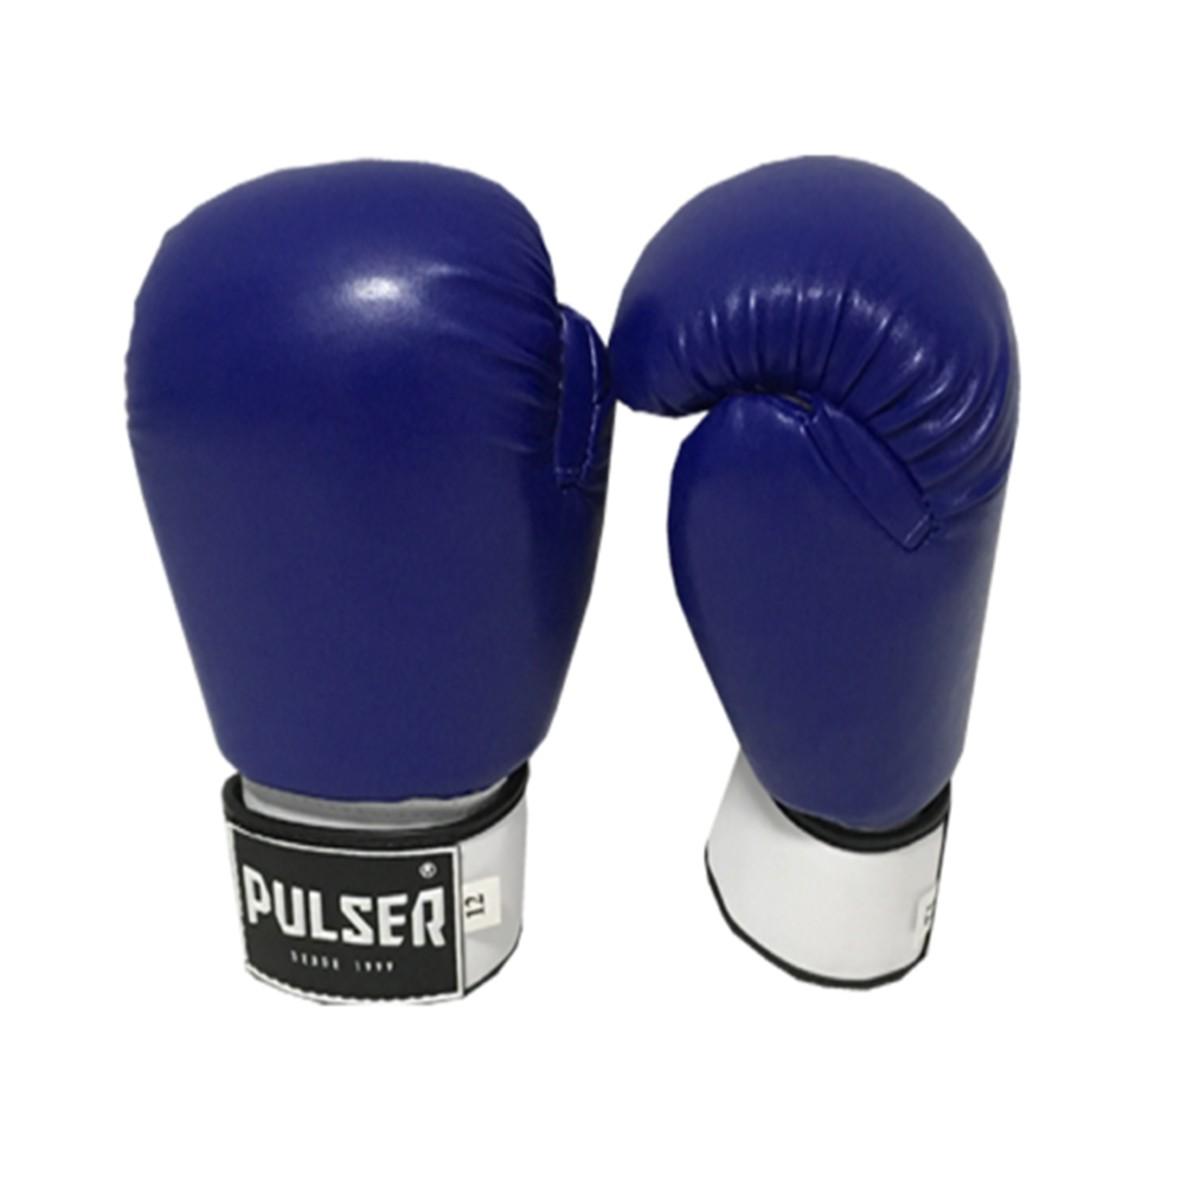 Kit de Boxe / Muay Thai 14oz - Azul - Pulser  - PRALUTA SHOP